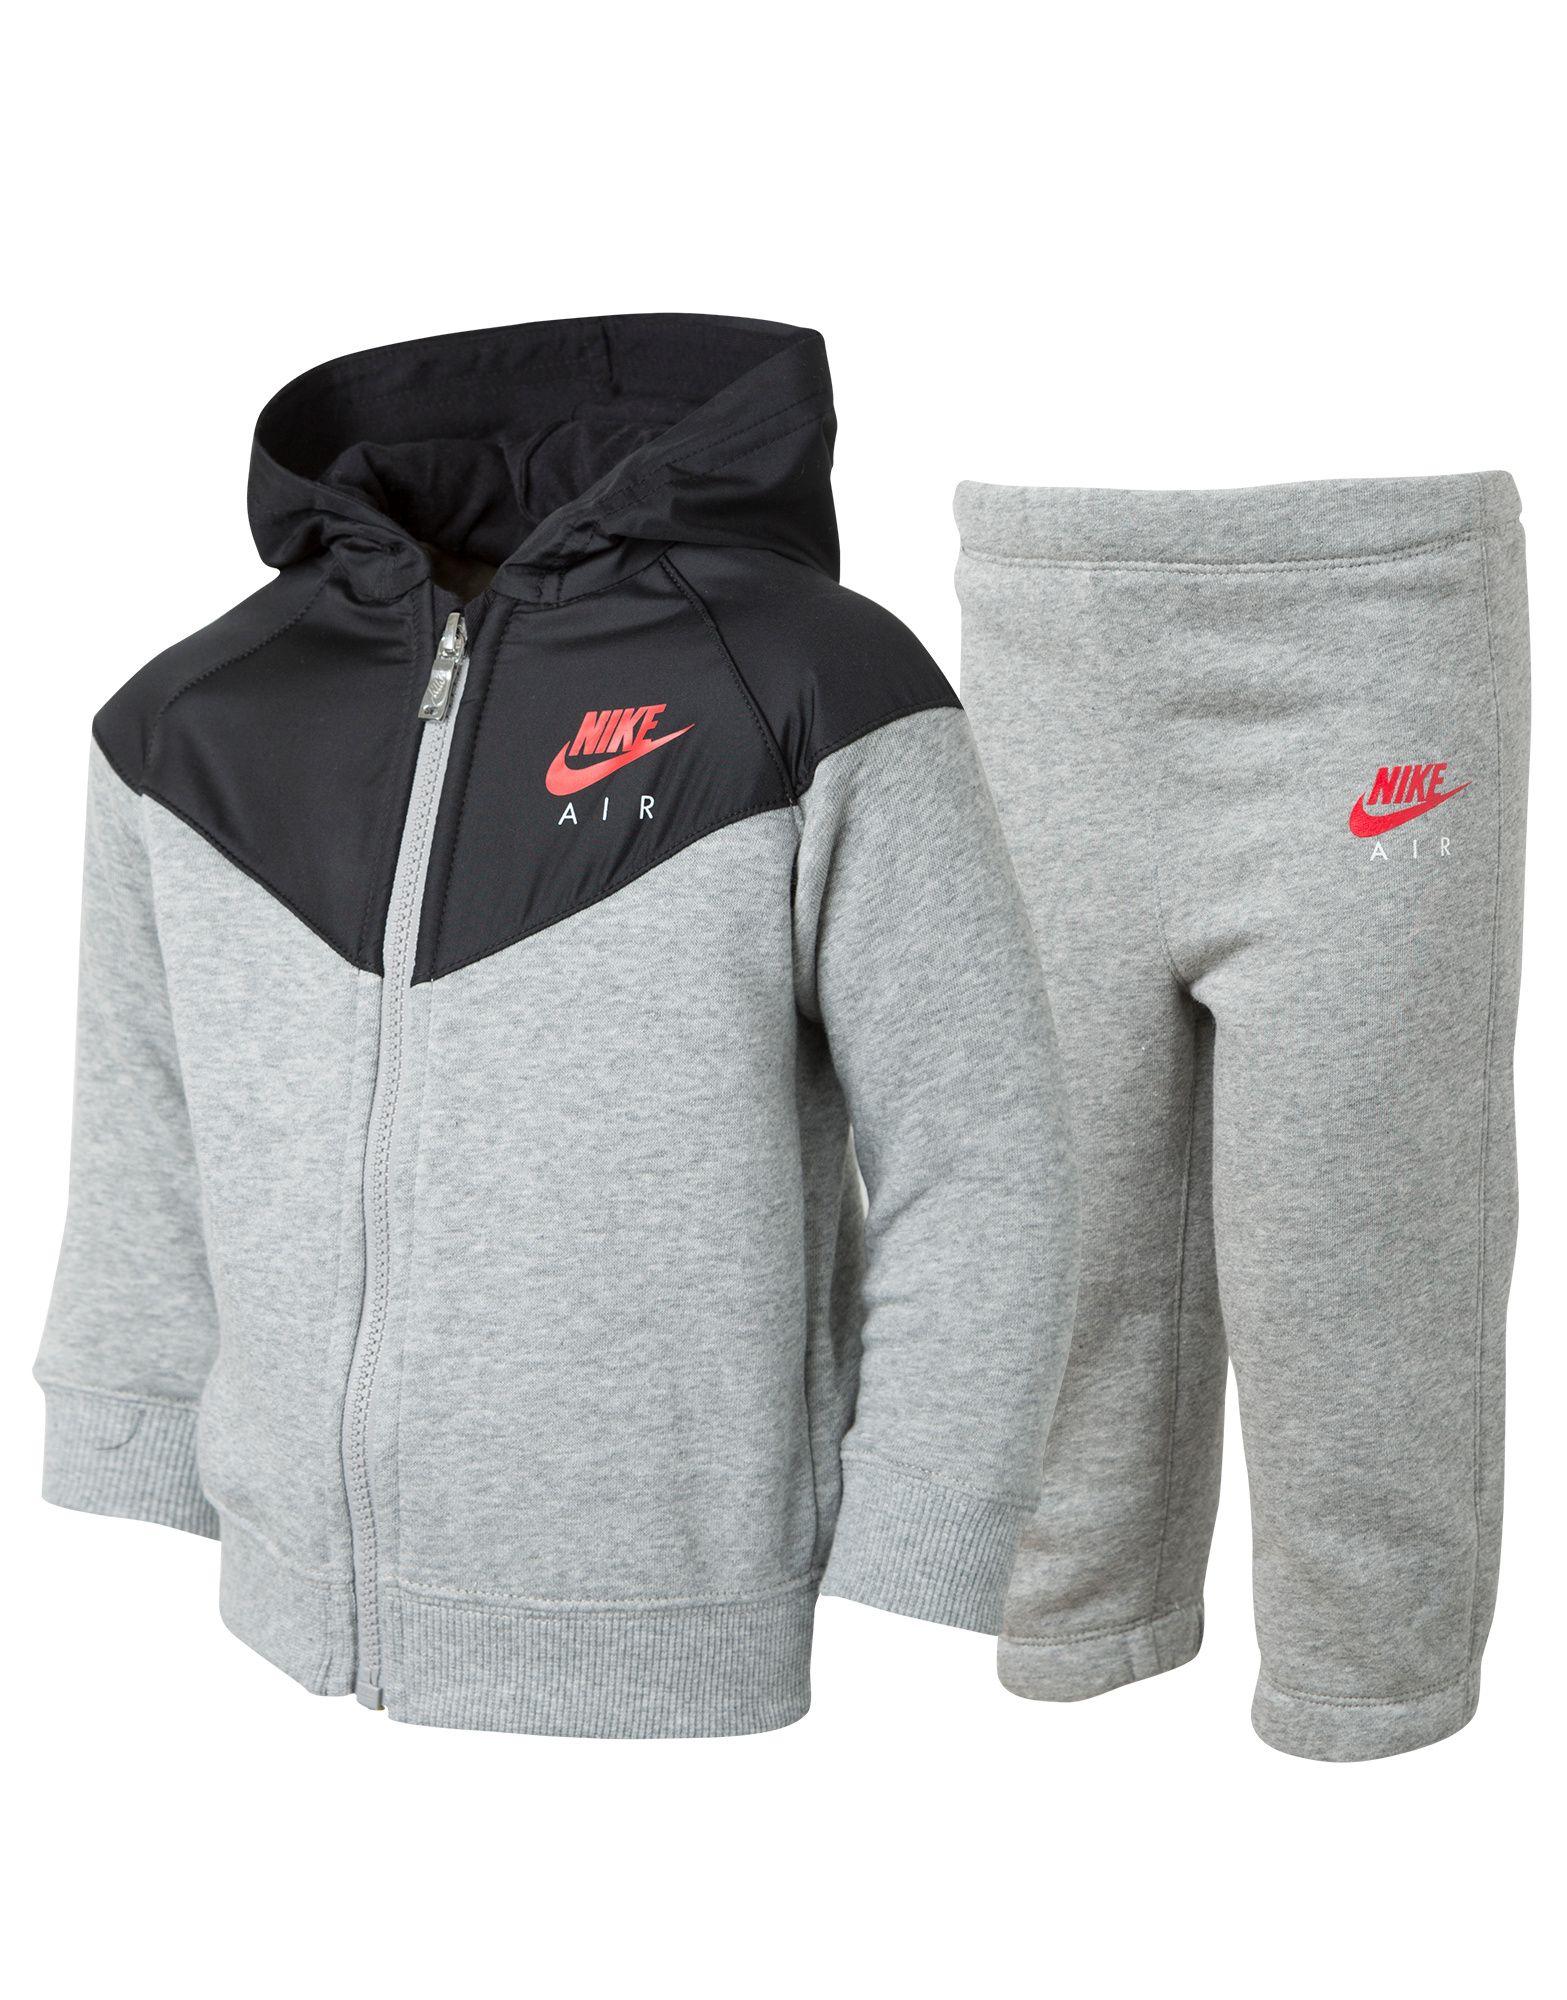 Nike Air Woven Suit Infants